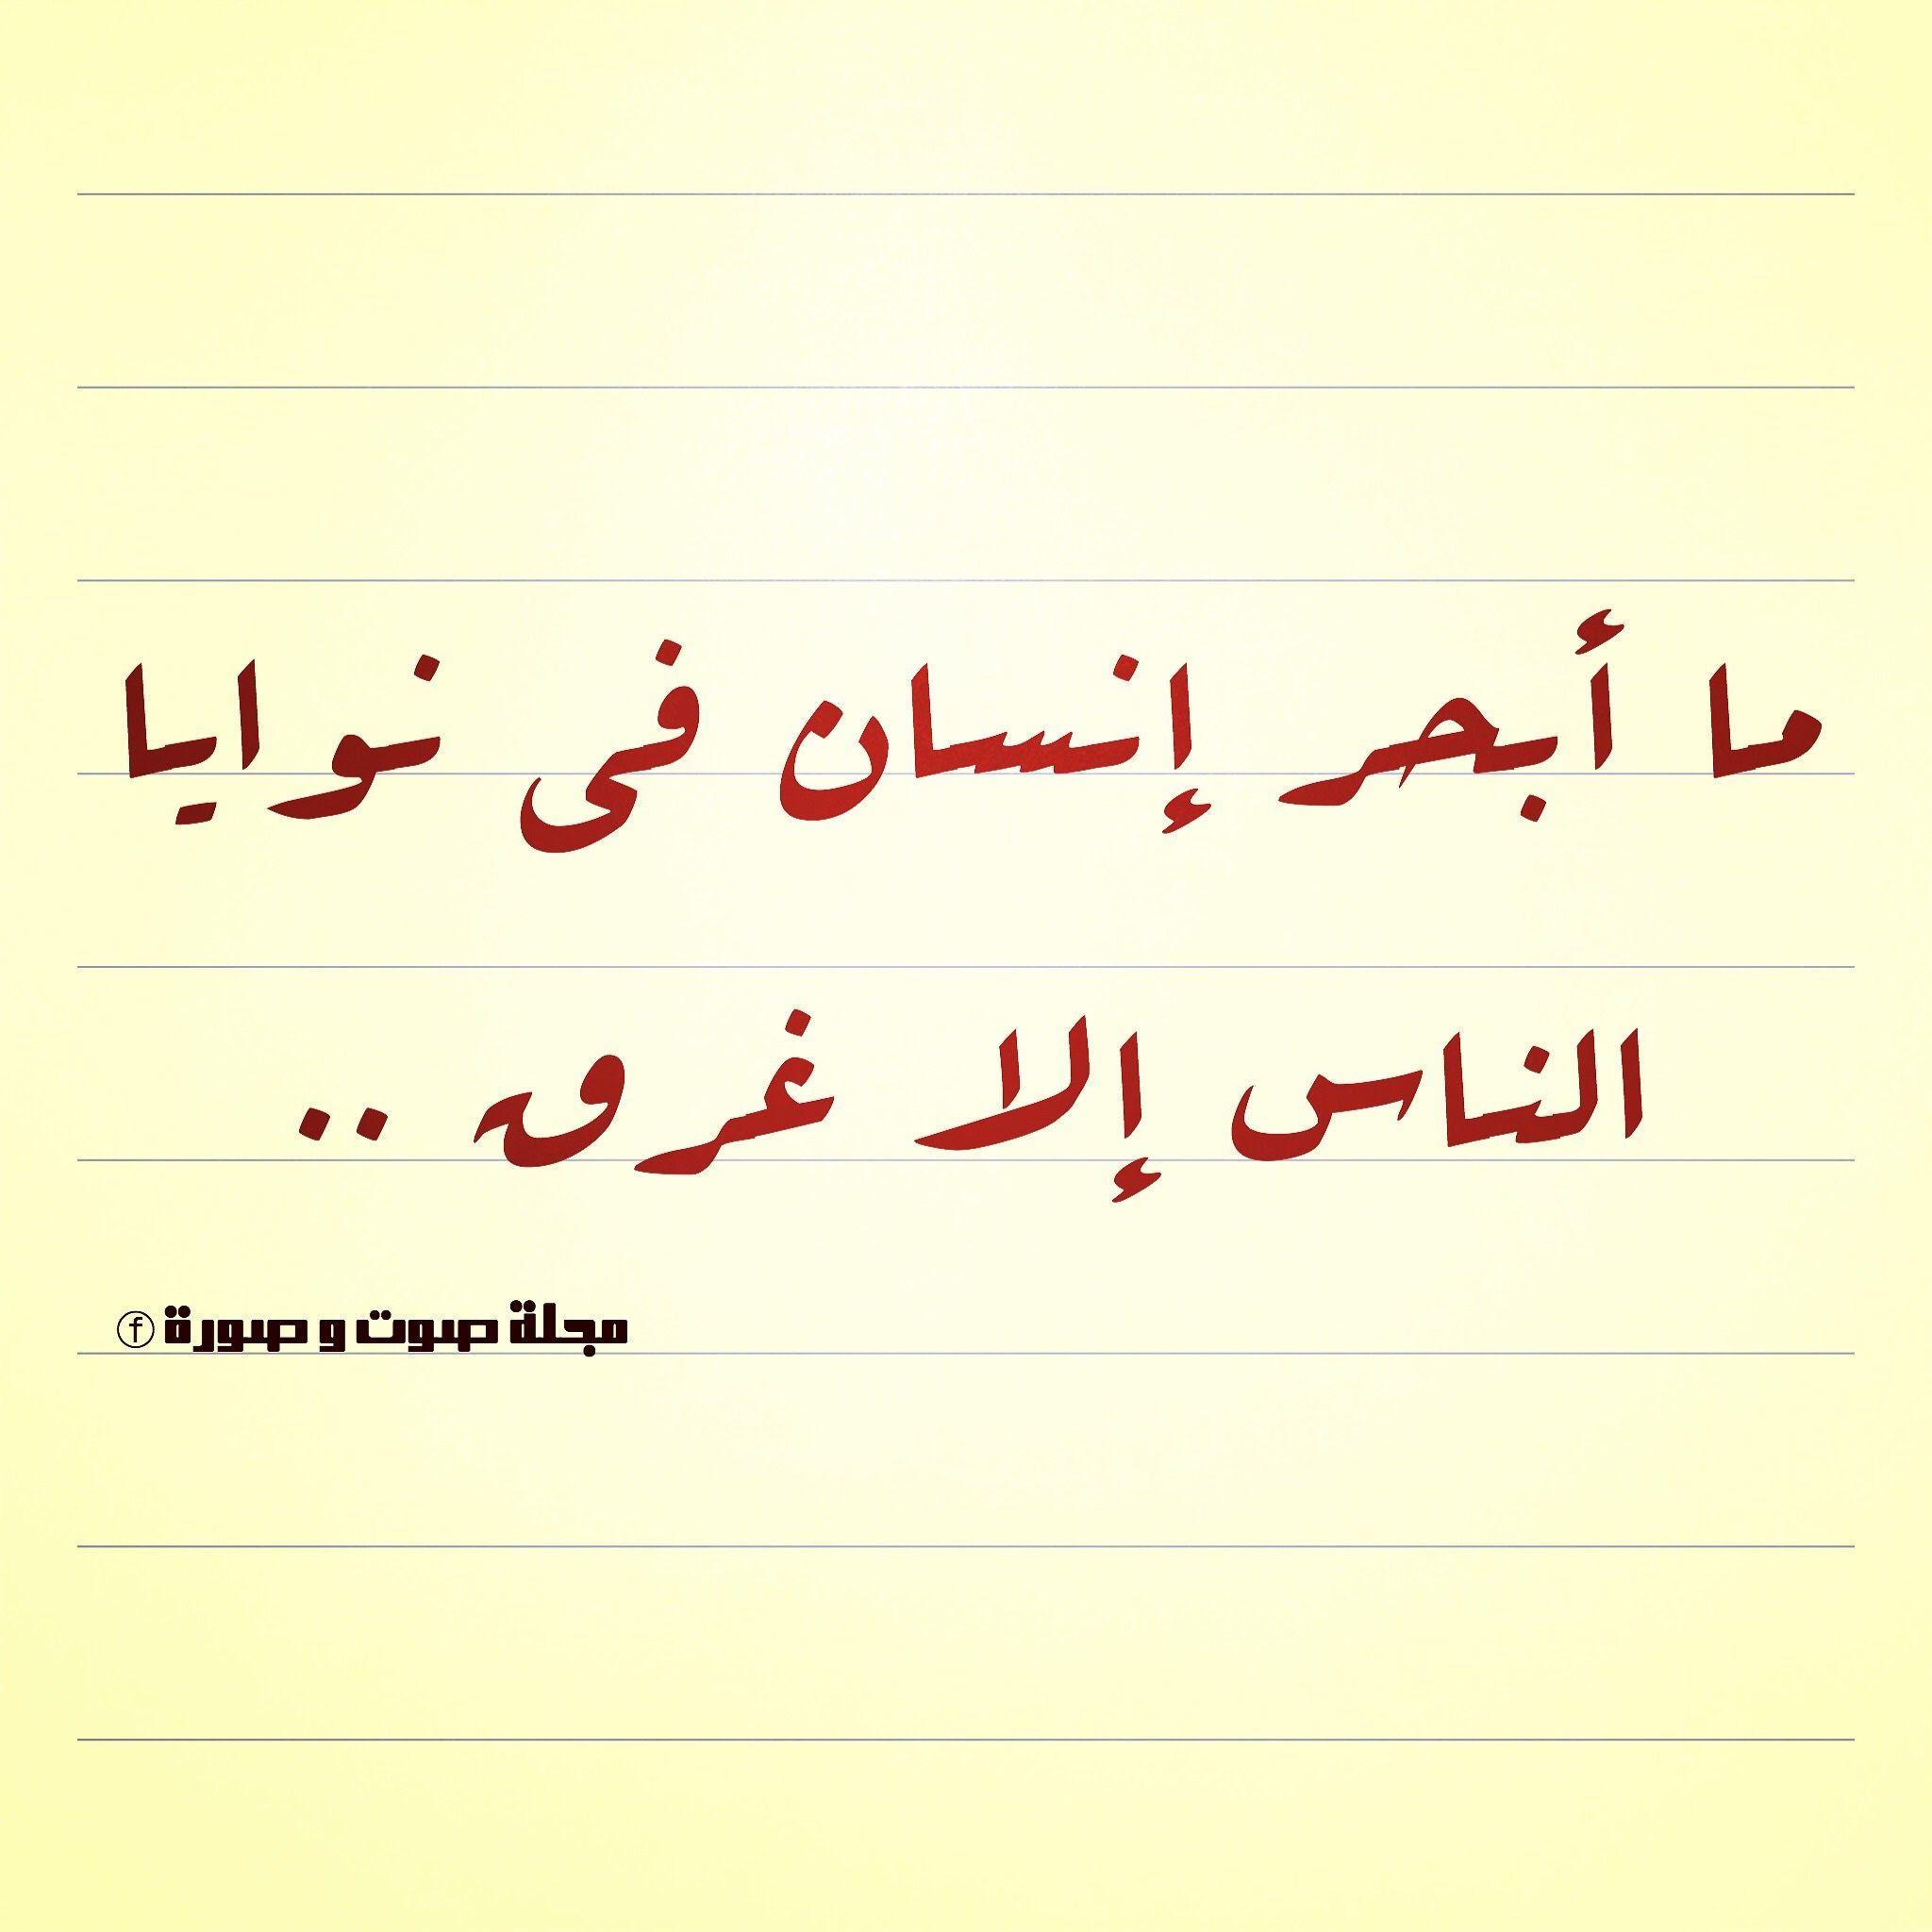 نوايا الناس Calligraphy Arabic Calligraphy Arabic